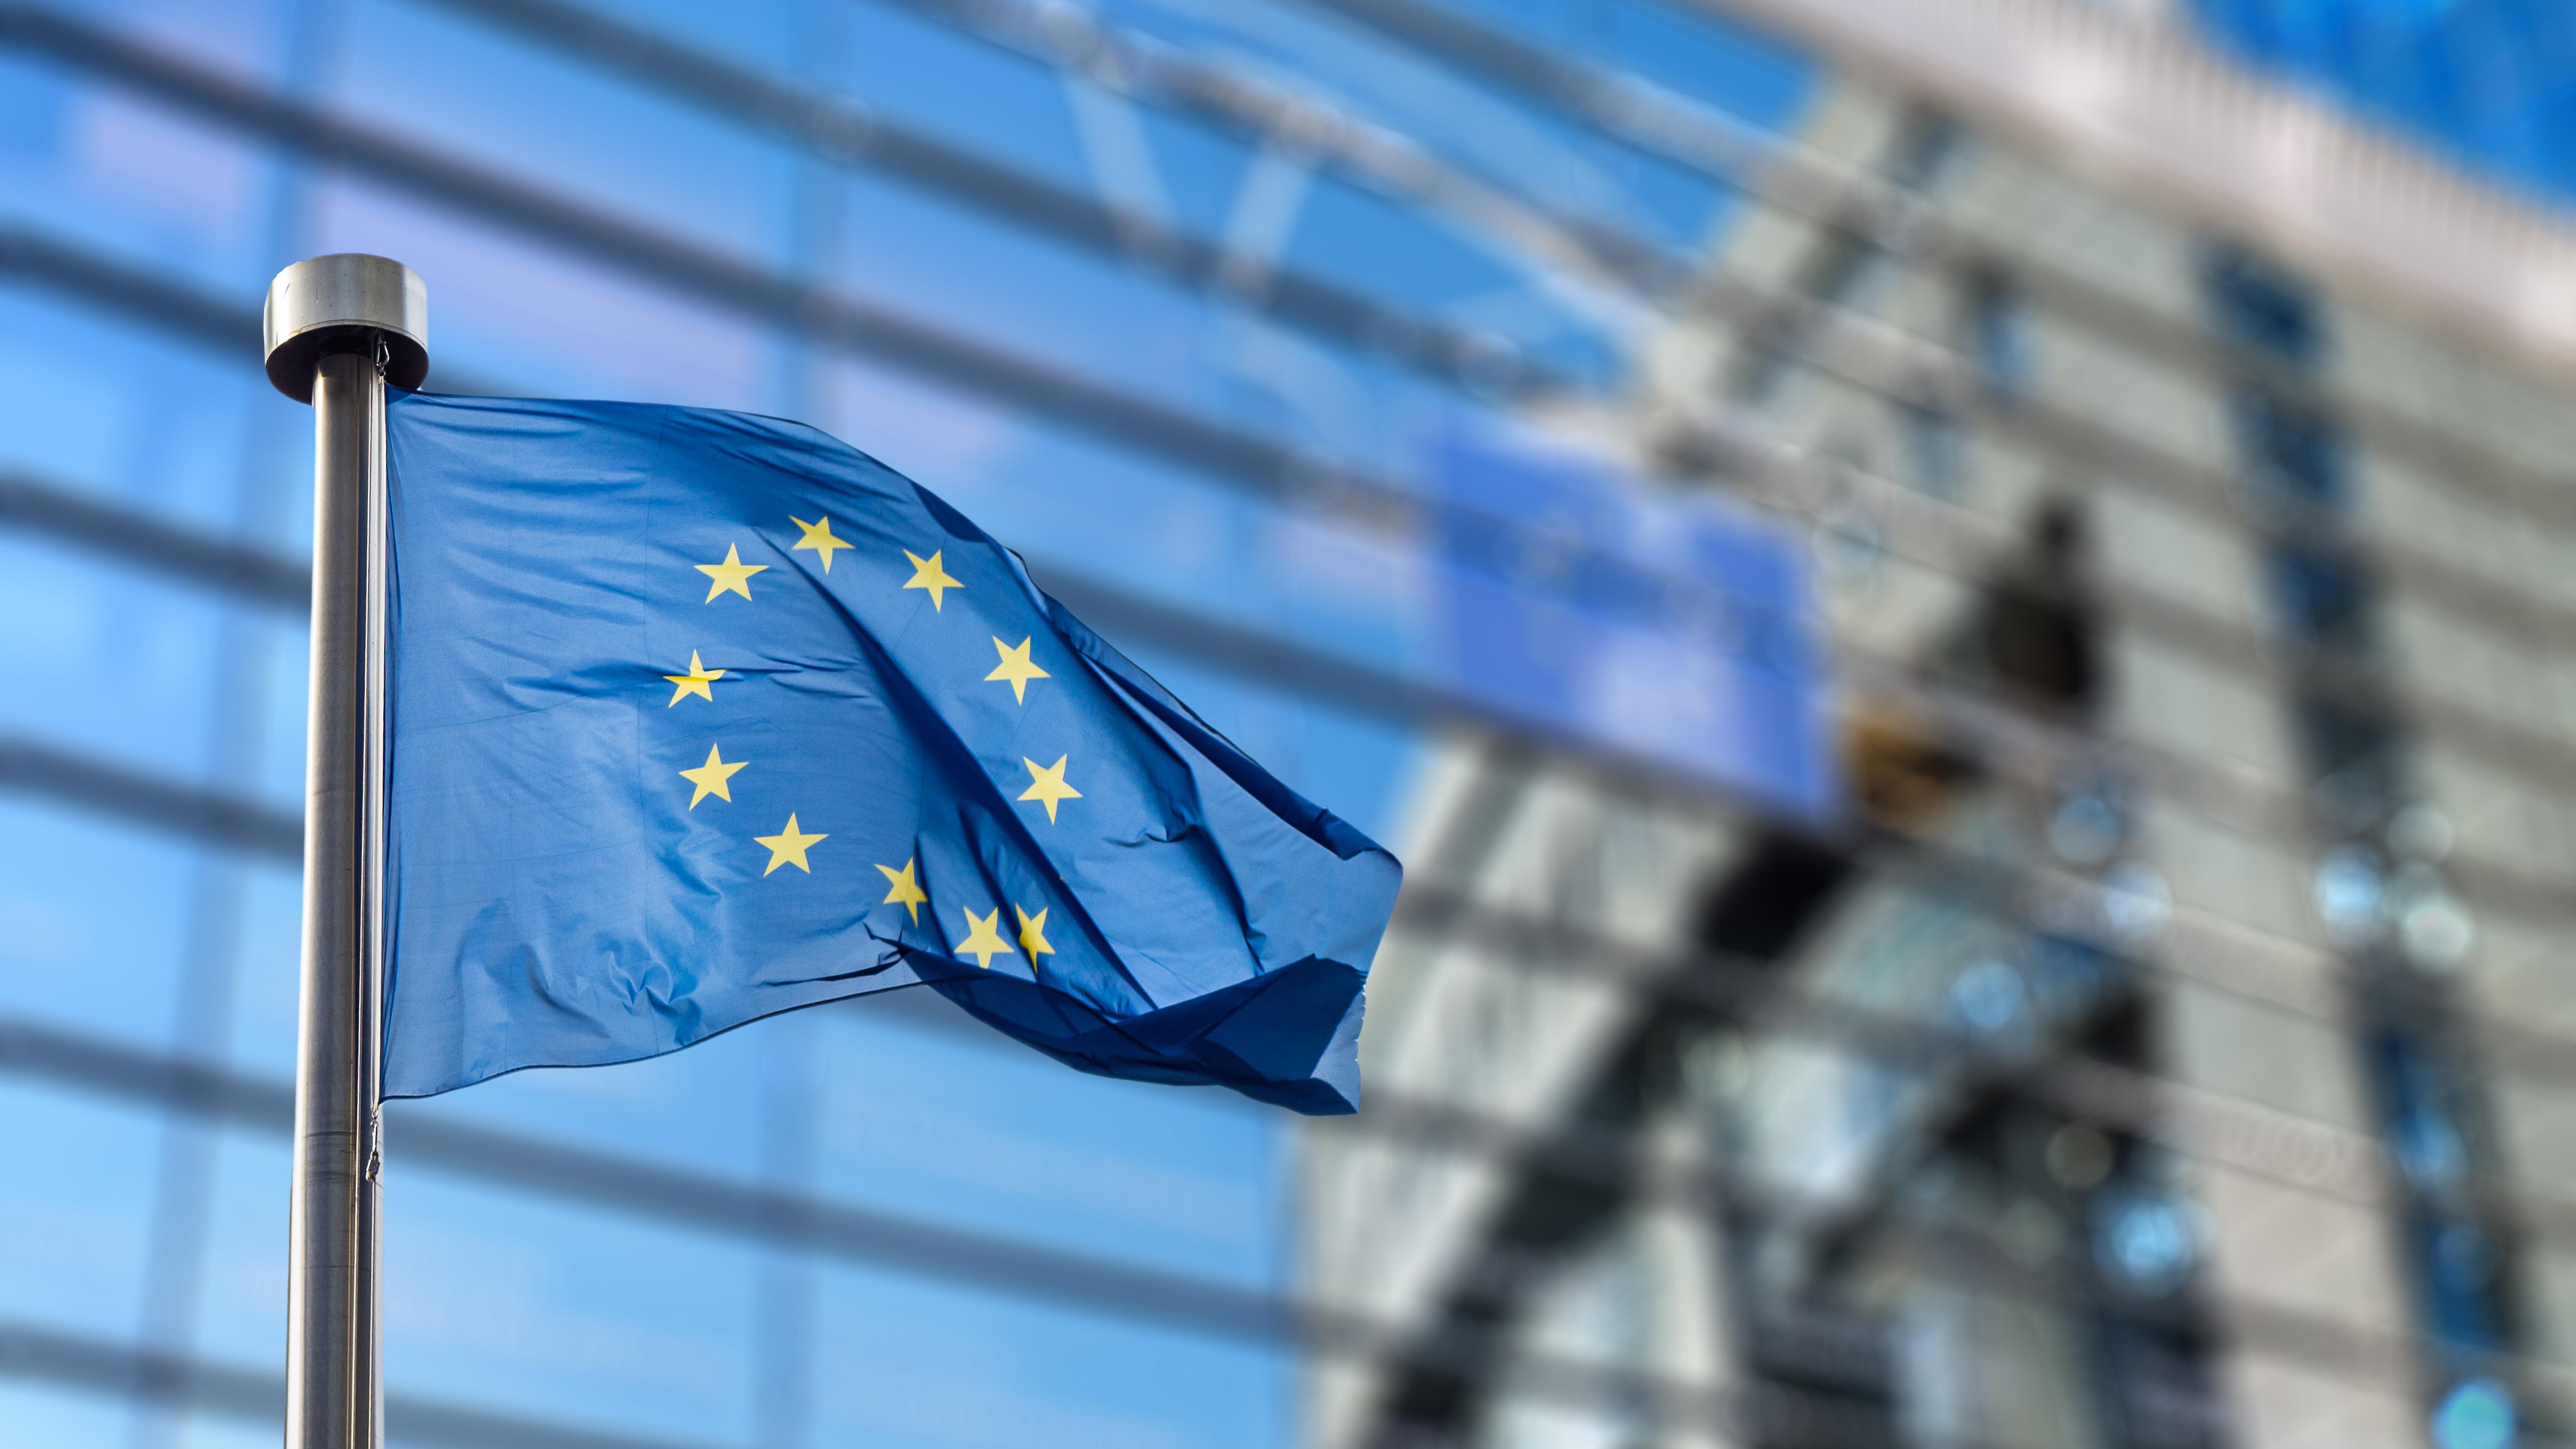 https://assets.sourcemedia.com/ec/ae/26d1fe764ea2831ff22d9e330dcf/eu-flag.jpeg